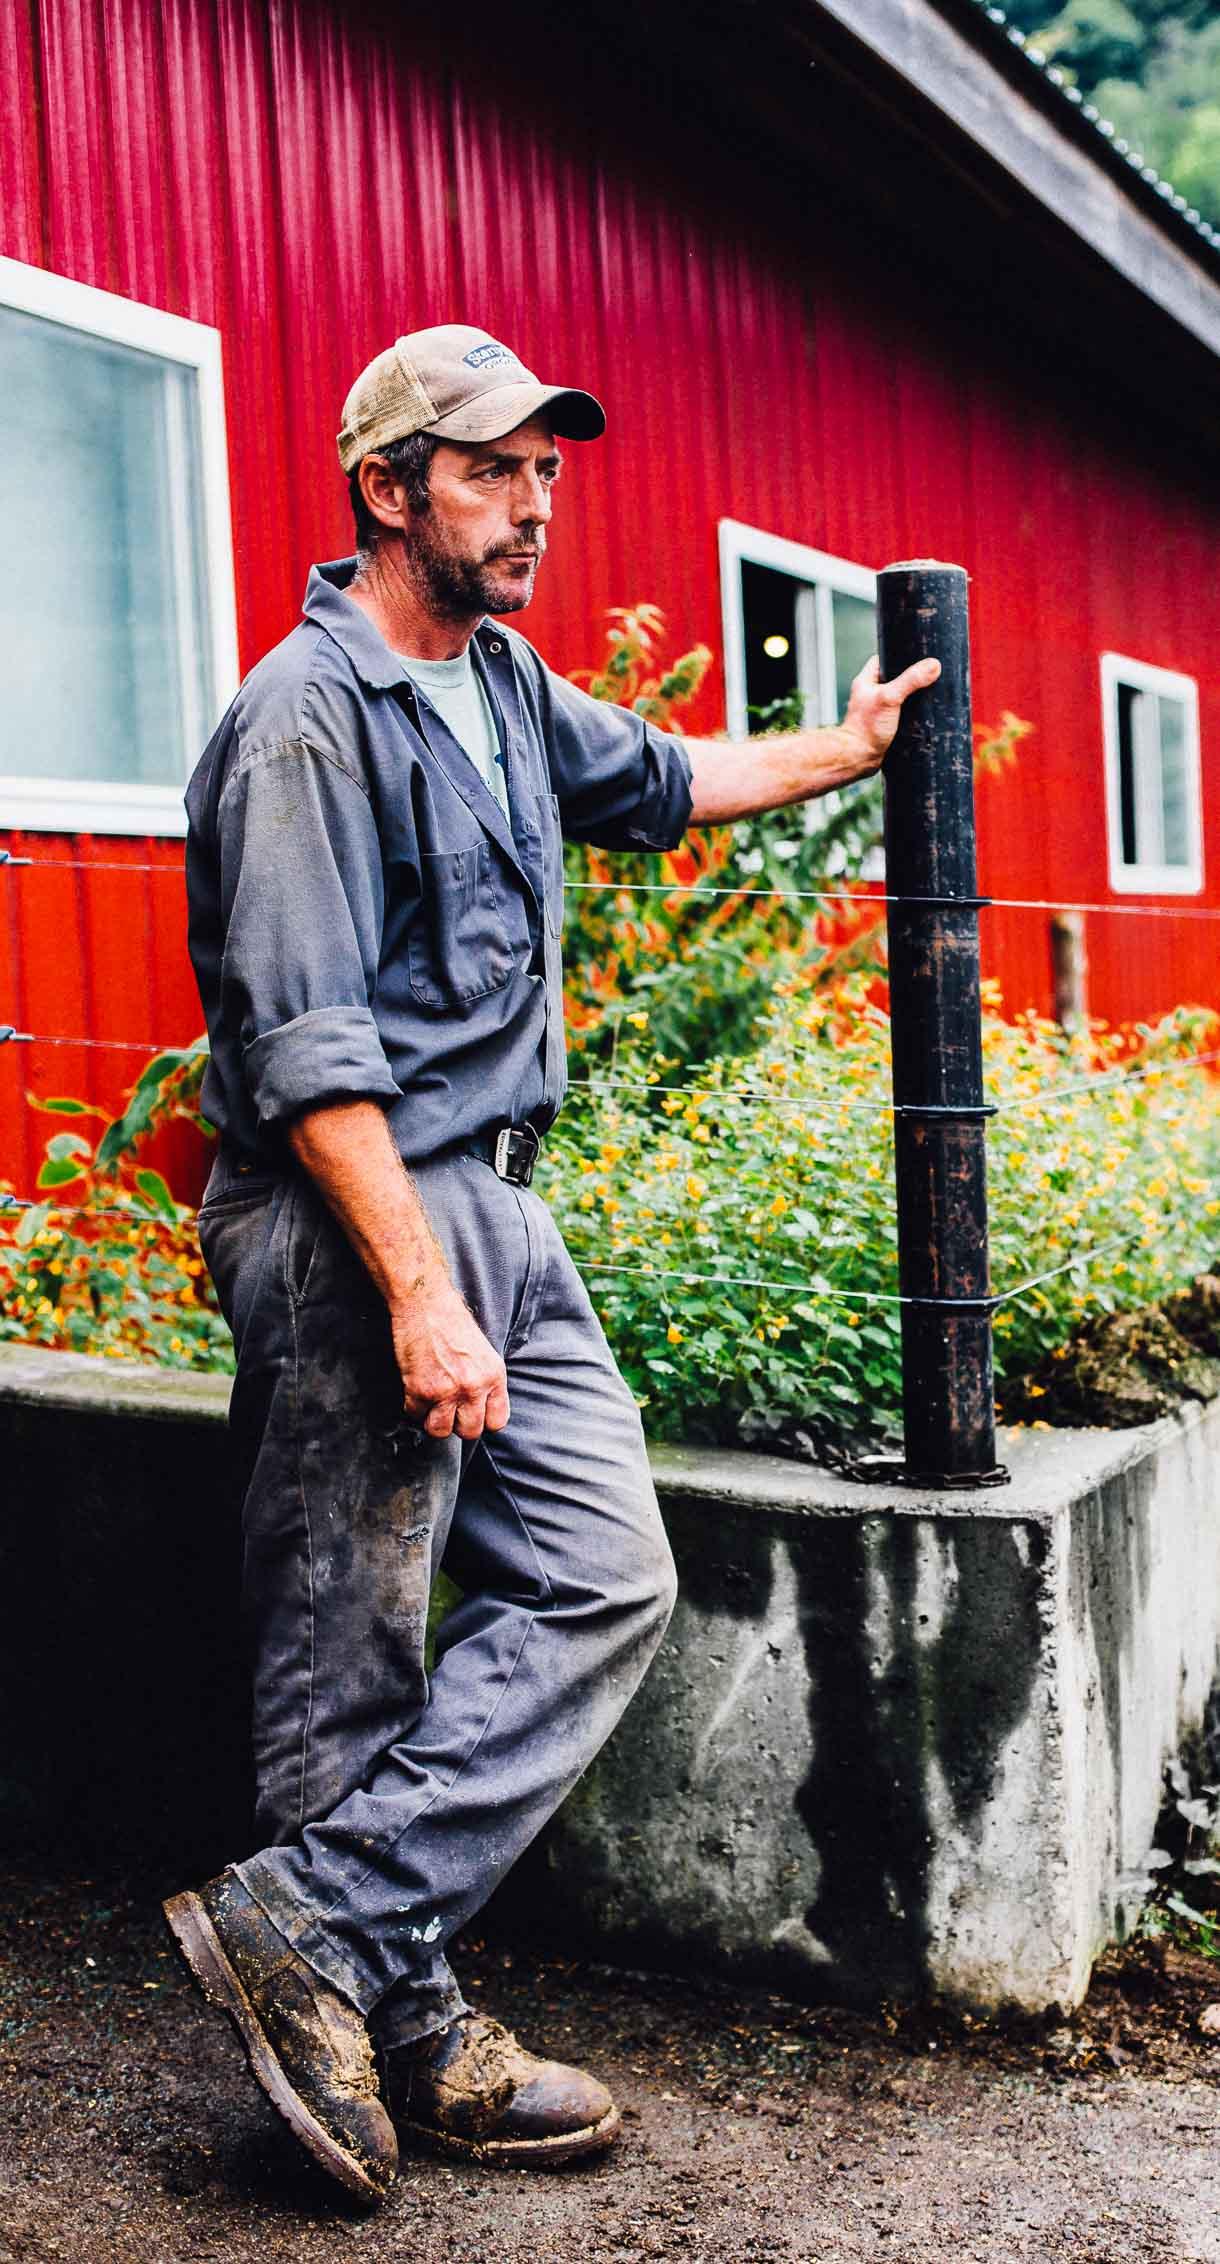 stonyfield organic farmer